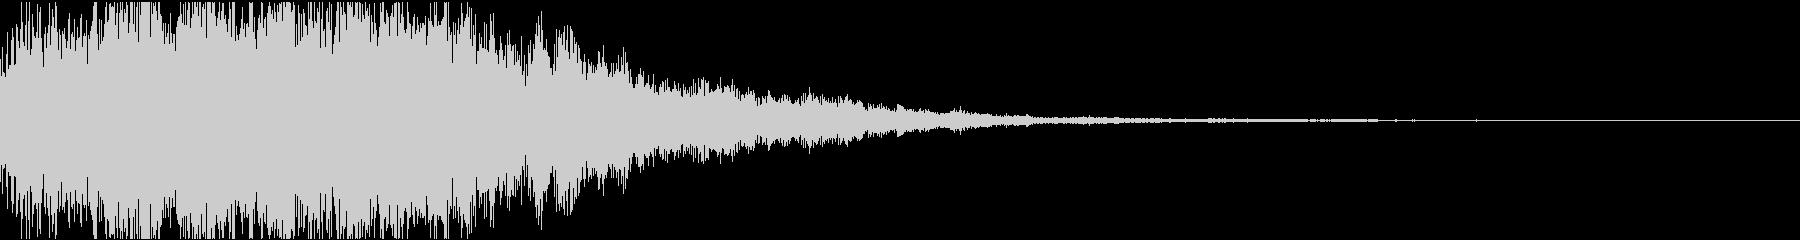 サウンドロゴ01(電子音)の未再生の波形